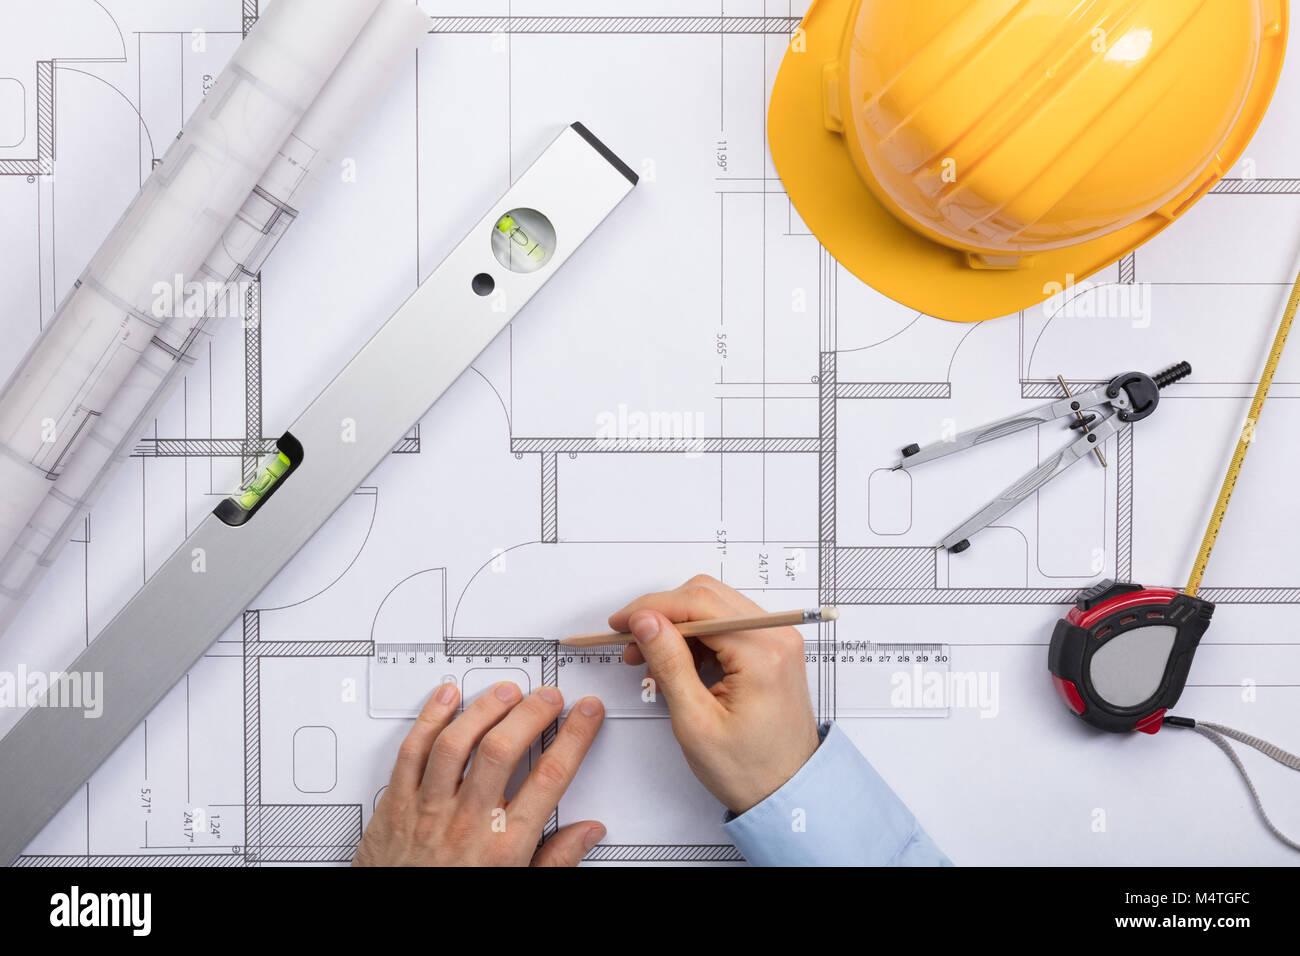 Hohe Betrachtungswinkel des Architekten Hände Arbeiten an Blueprint Stockbild